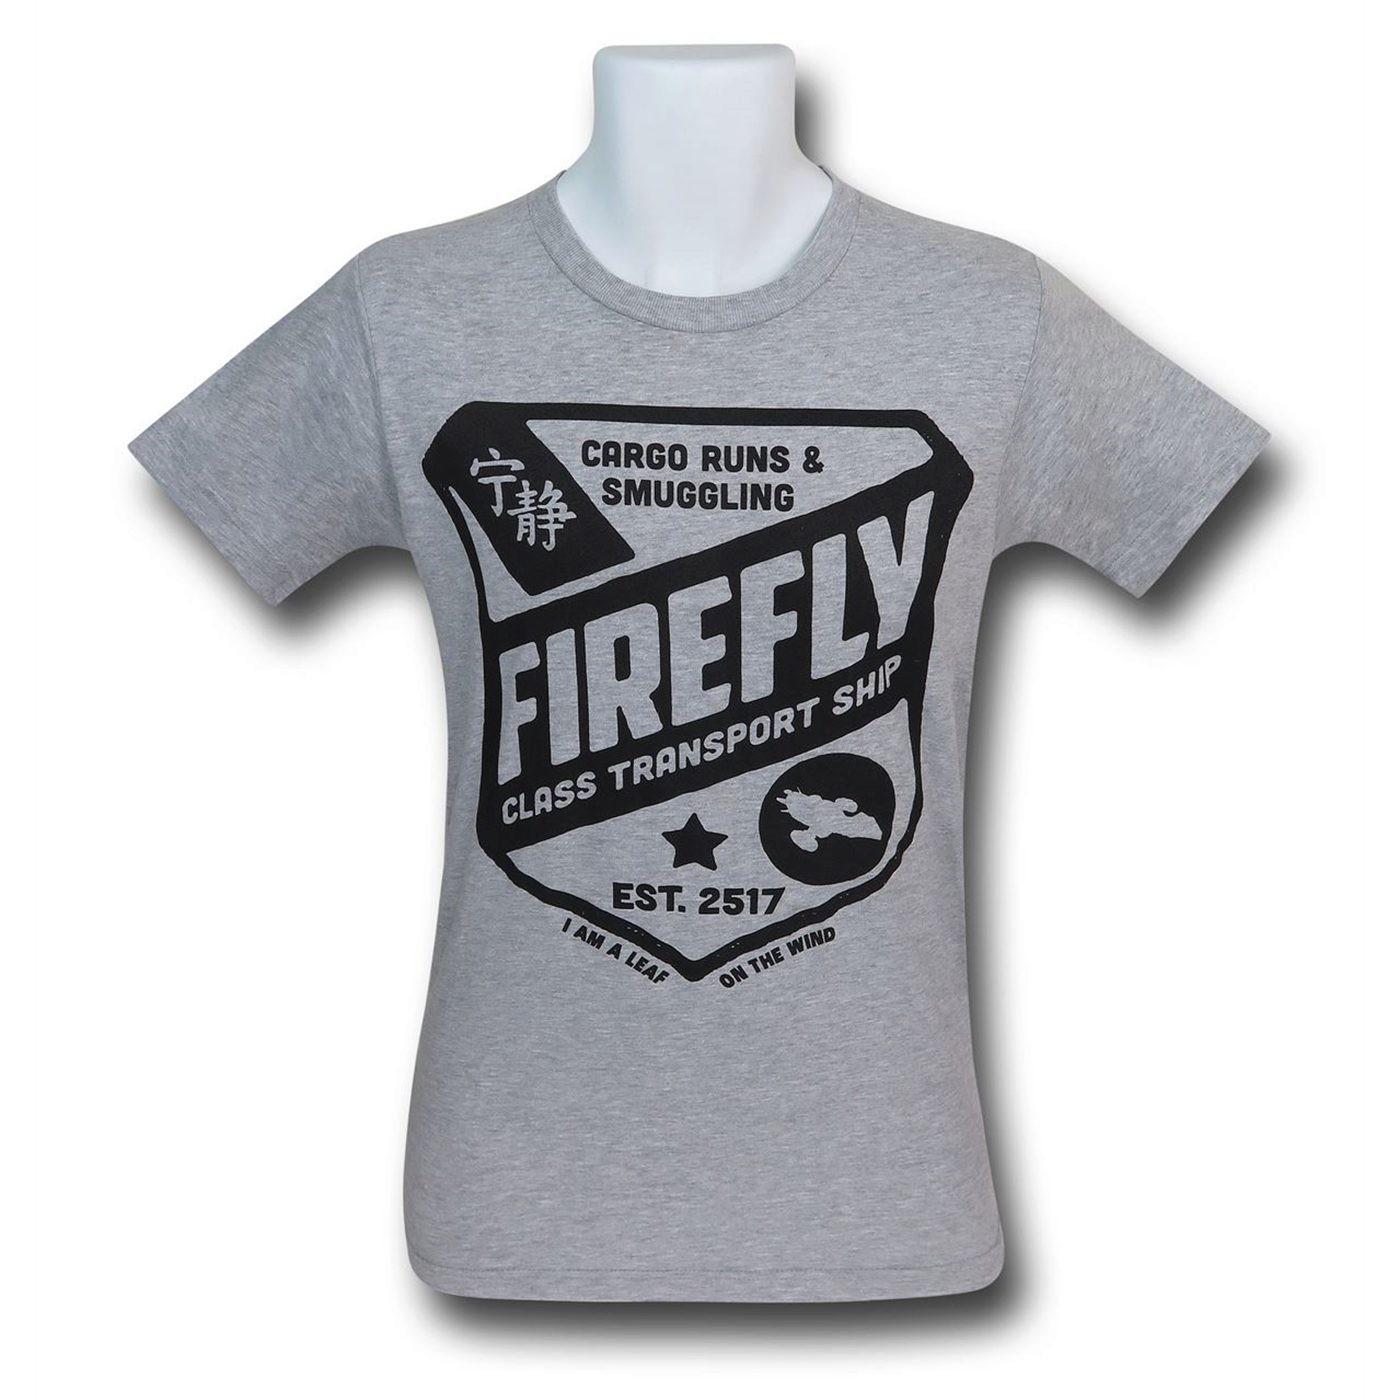 Firefly Class Transport Ship Men's T-Shirt